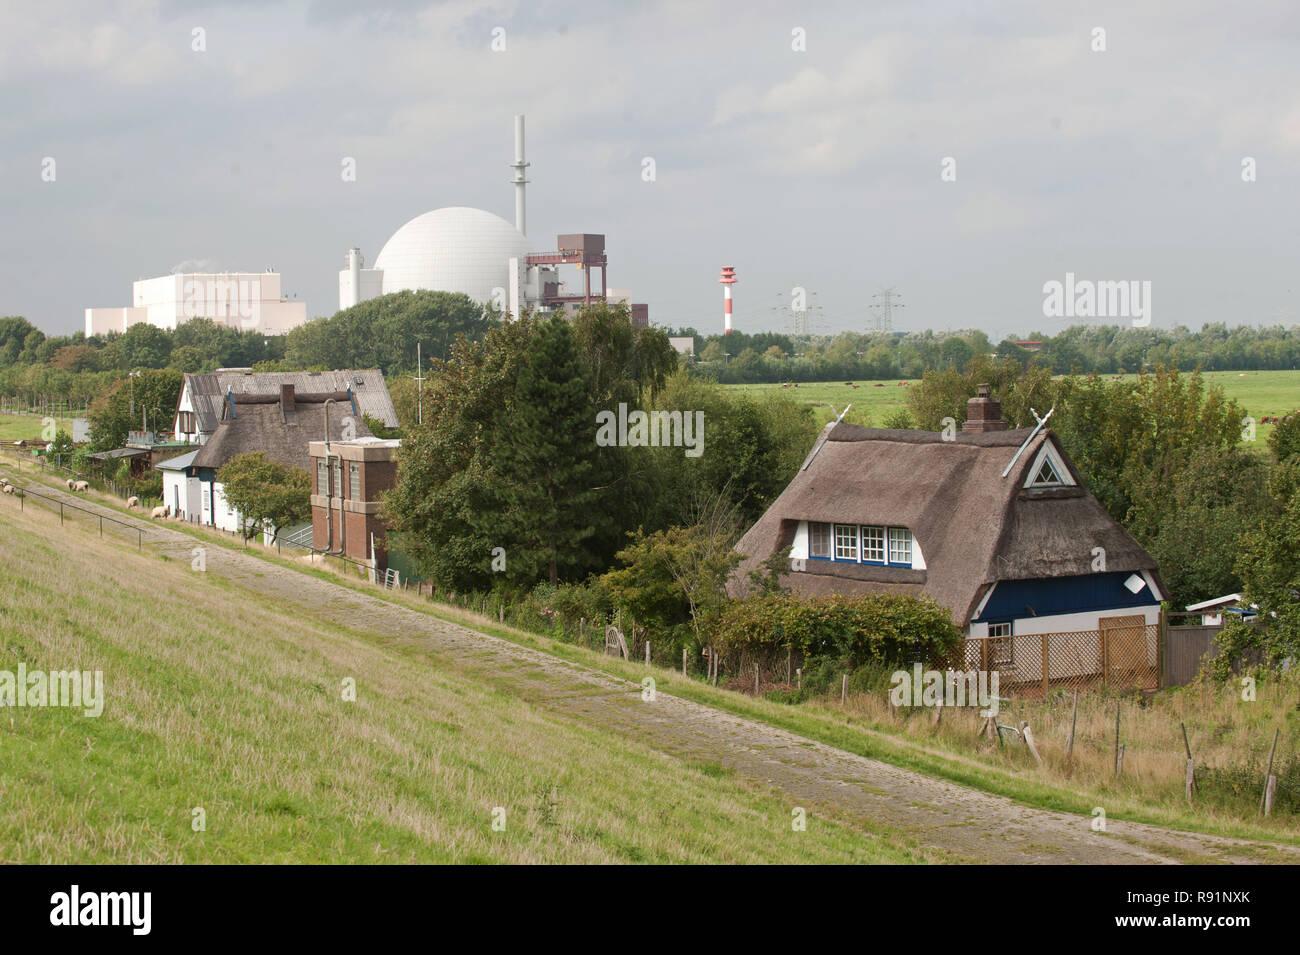 24.08.2011, Brokdorf, Schleswig-Holstein, Germany - Kernkraftwerk Brokdorf von Hollerwettern aus gesehen. 0RX110824D582CAROEX.JPG [MODEL RELEASE: NOT  - Stock Image